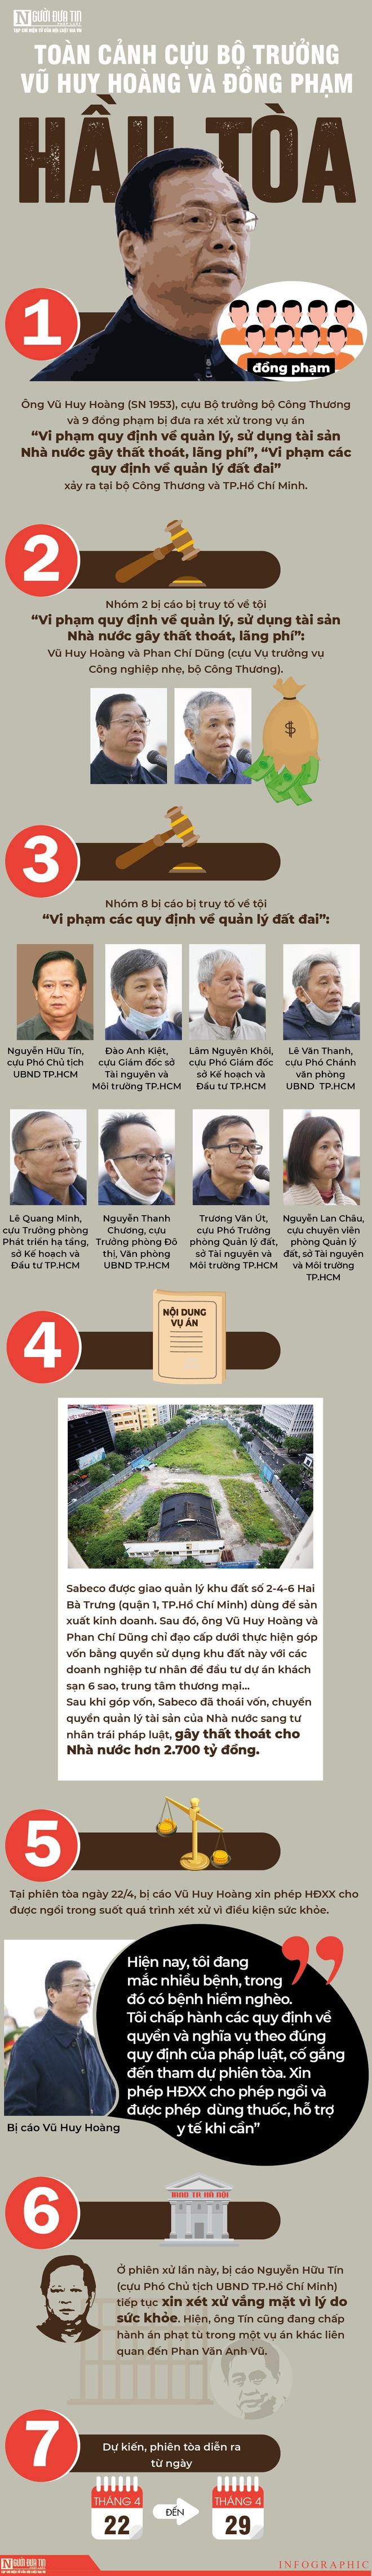 [Info] Toàn cảnh cựu Bộ trưởng Vũ Huy Hoàng và đồng phạm hầu tòa - Ảnh 1.